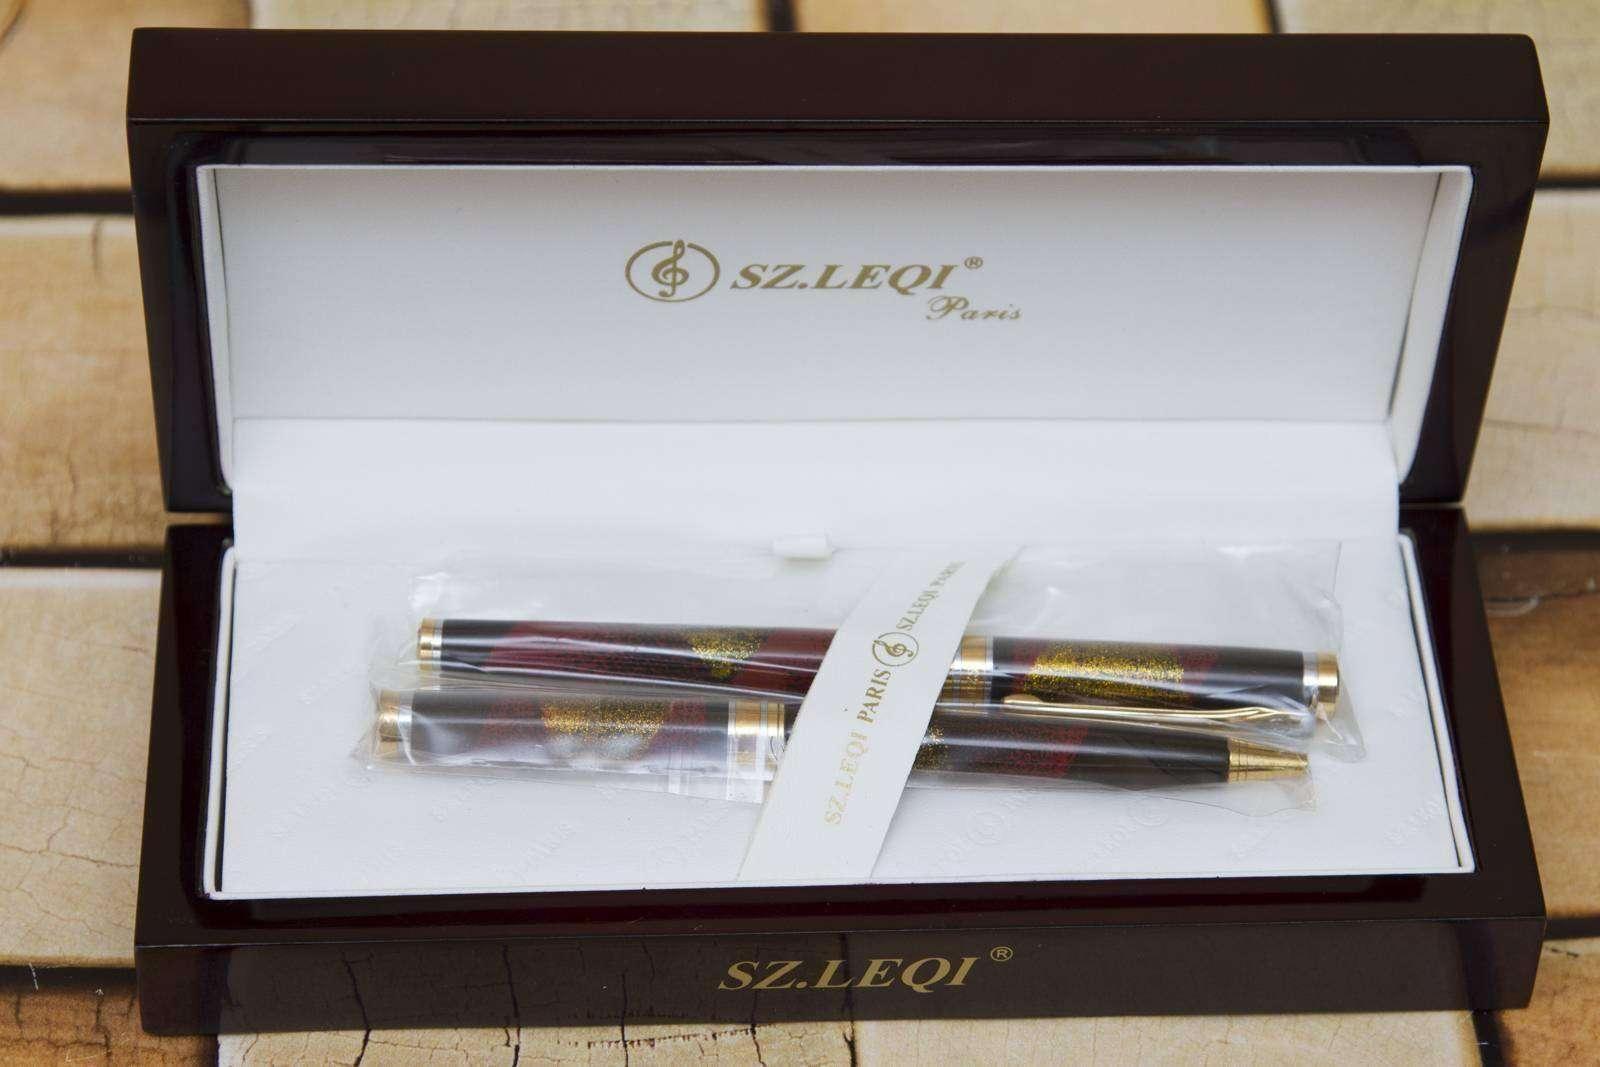 Другие - Украина: Подарочный набор ручек SZ.Leqi Paris - BF 600 H1